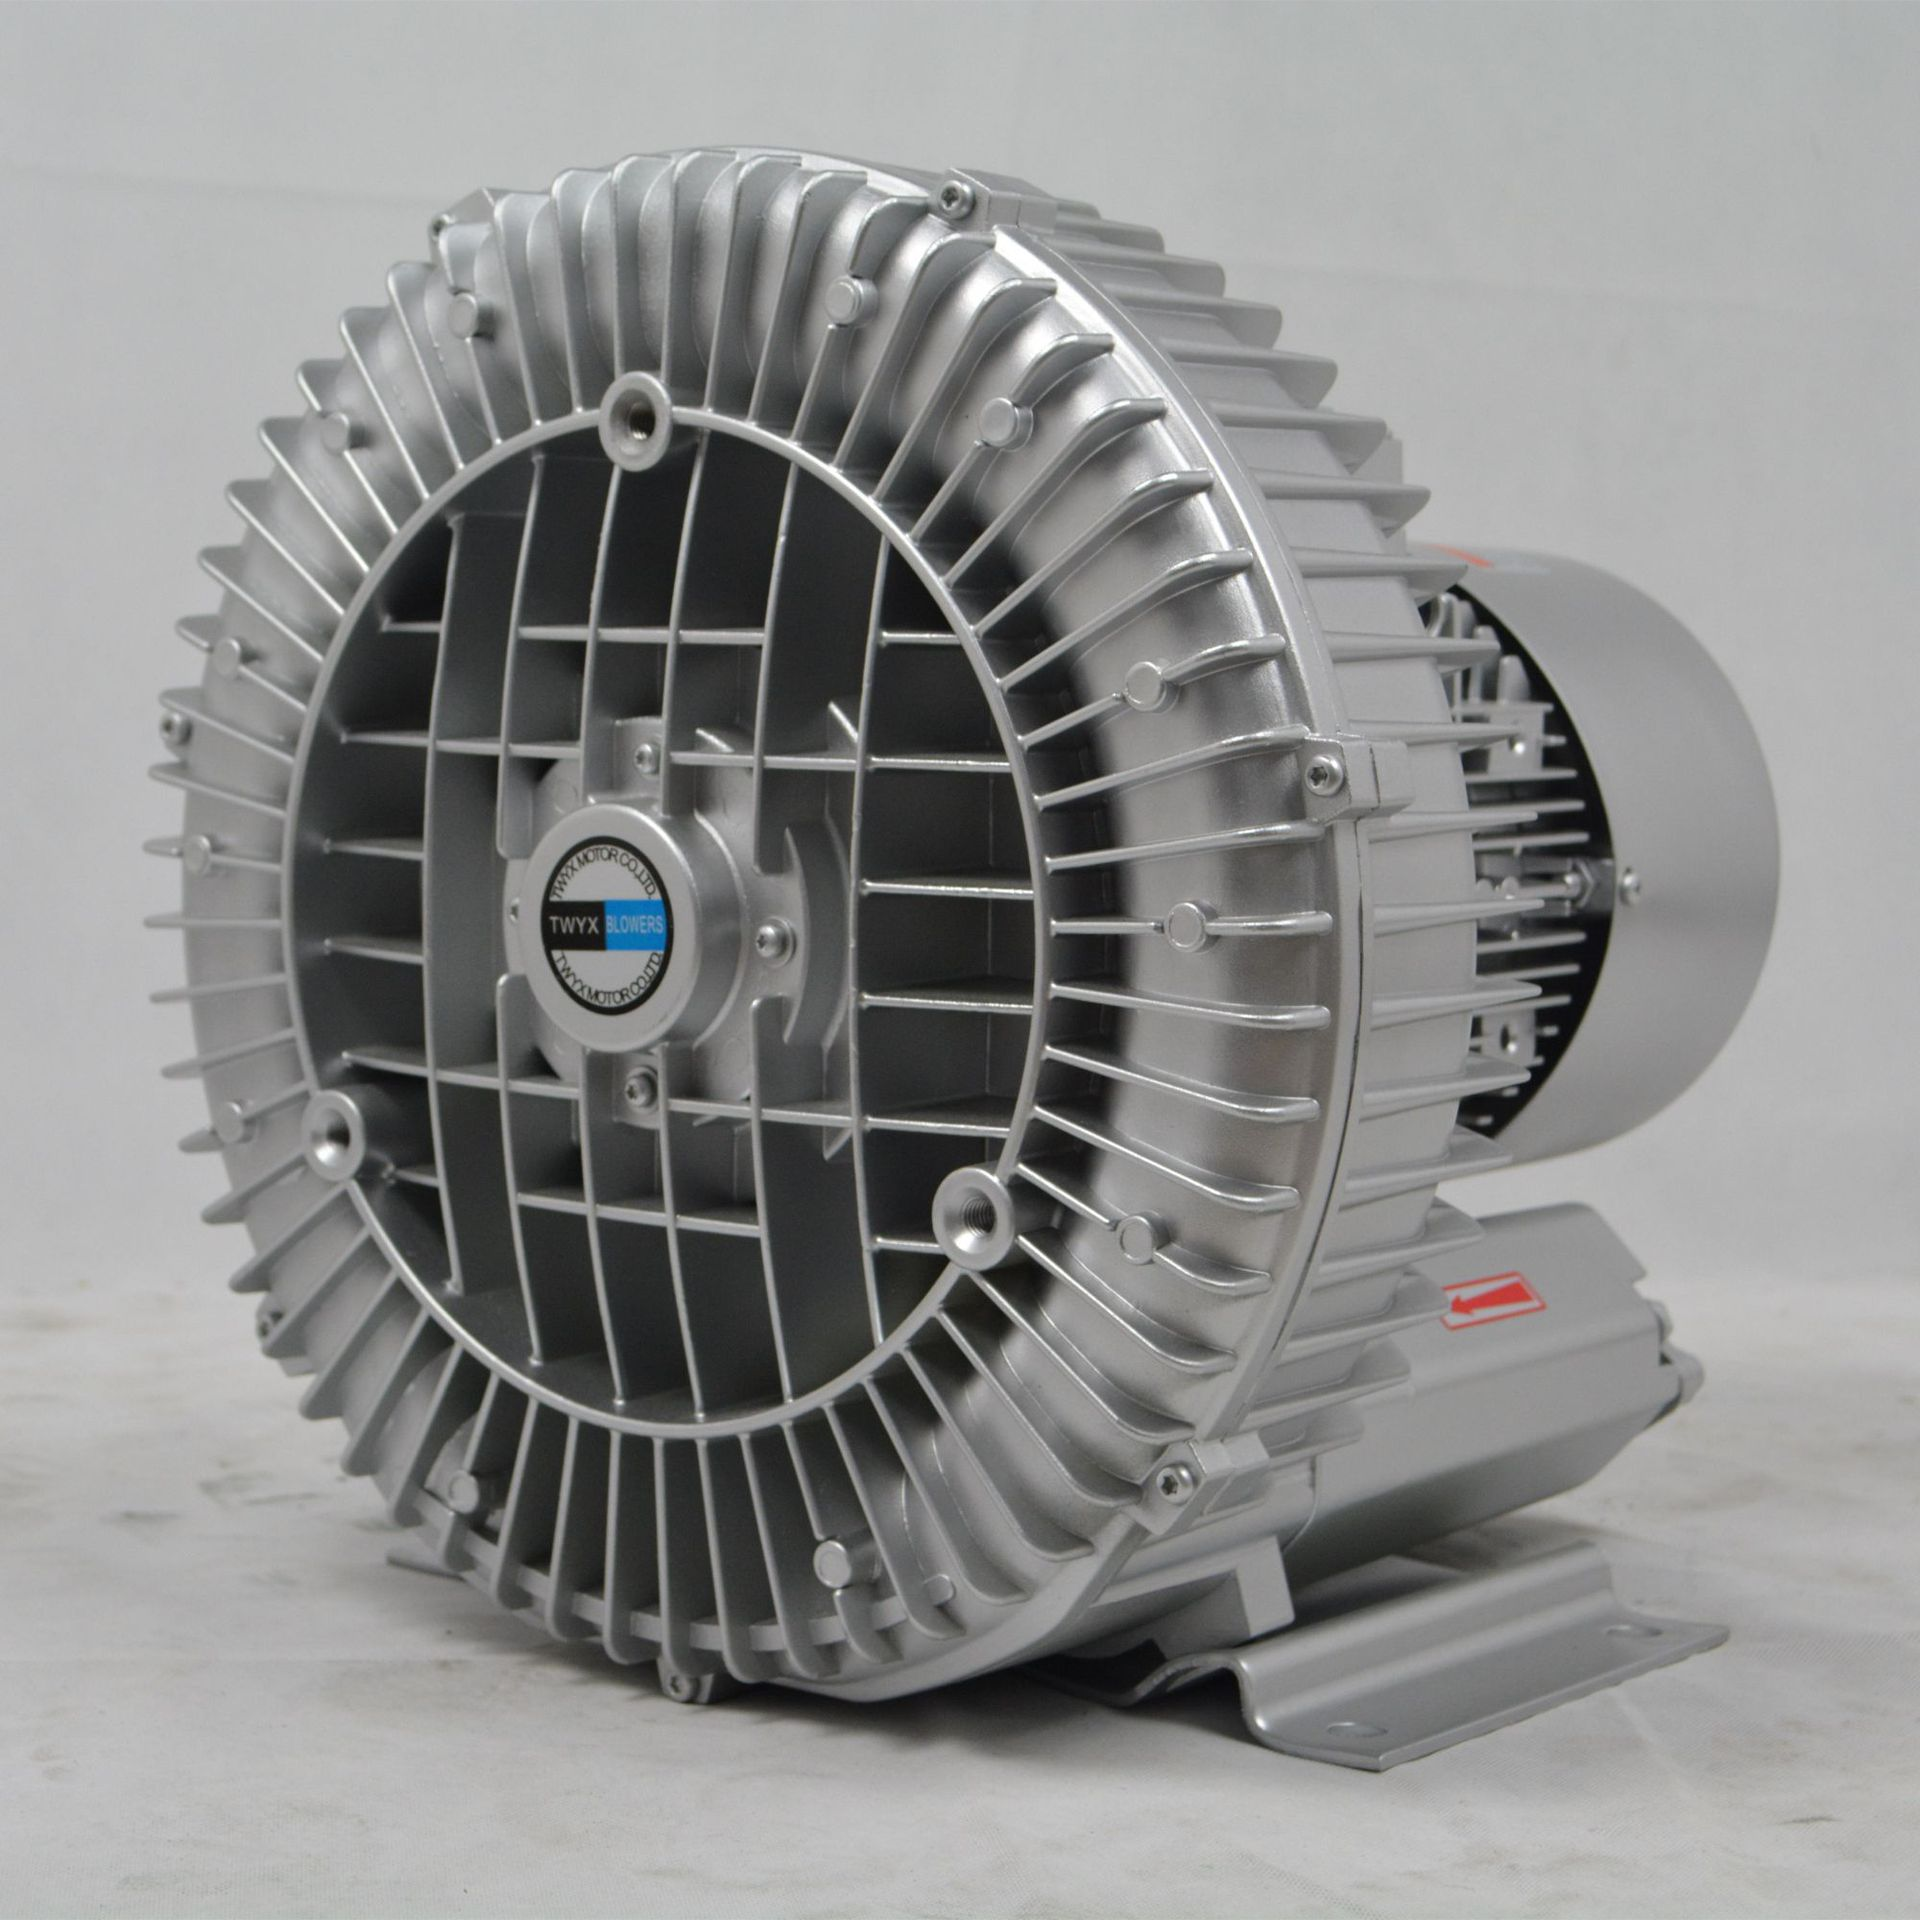 高压漩涡风机 离心风机 工业强力鼓风机 真空泵旋涡式气泵 鱼塘增氧机示例图6